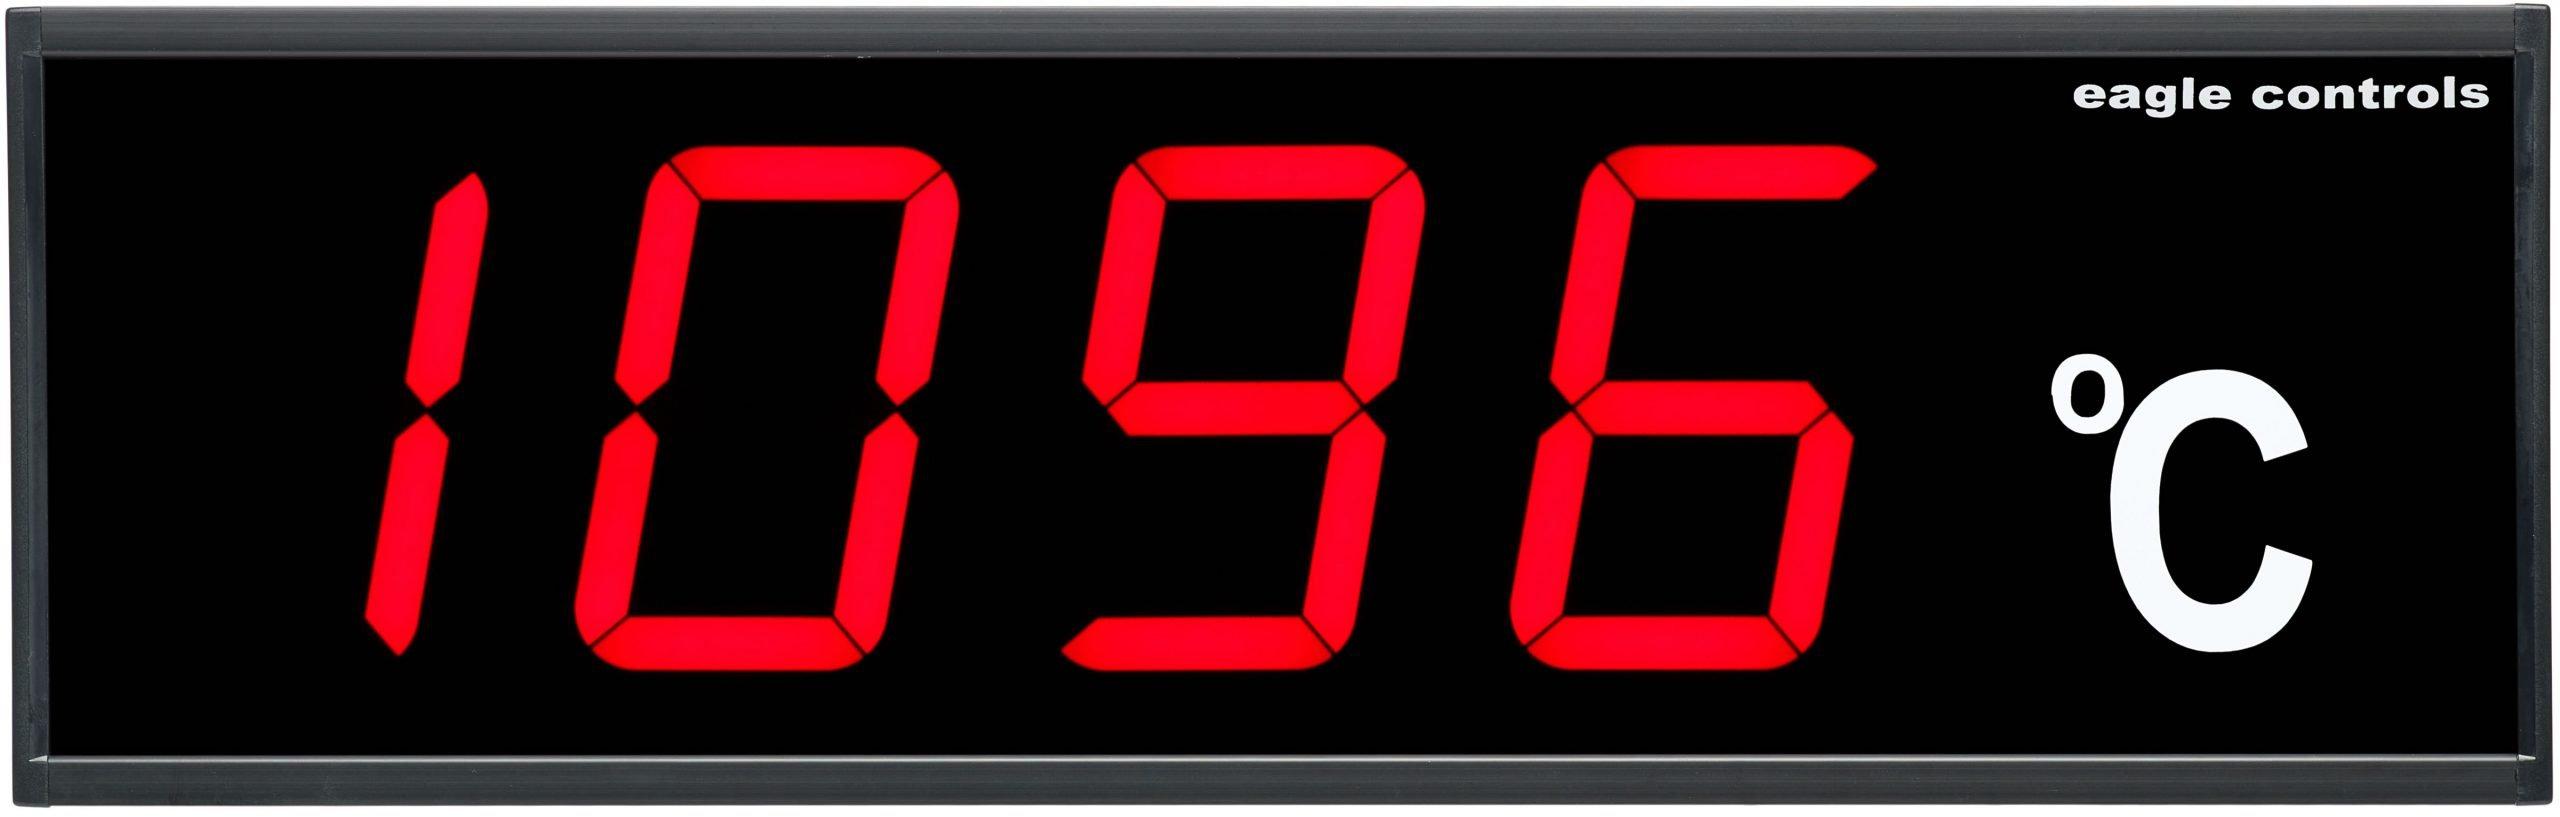 4 Digit LED Temperature Display C Industrial